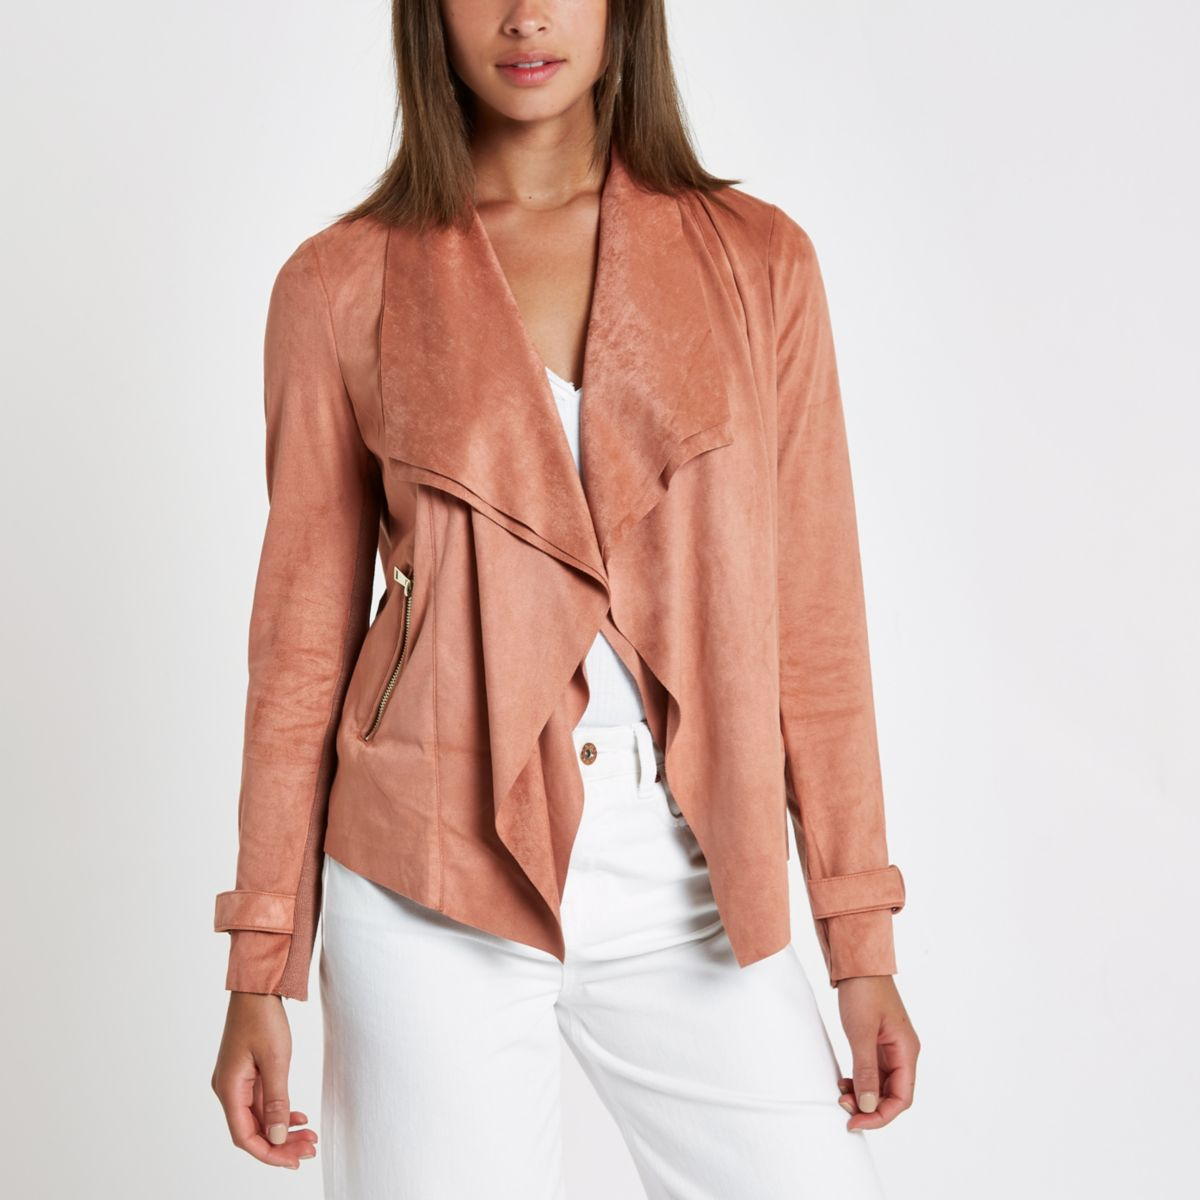 Dark beige fallaway faux suede jacket